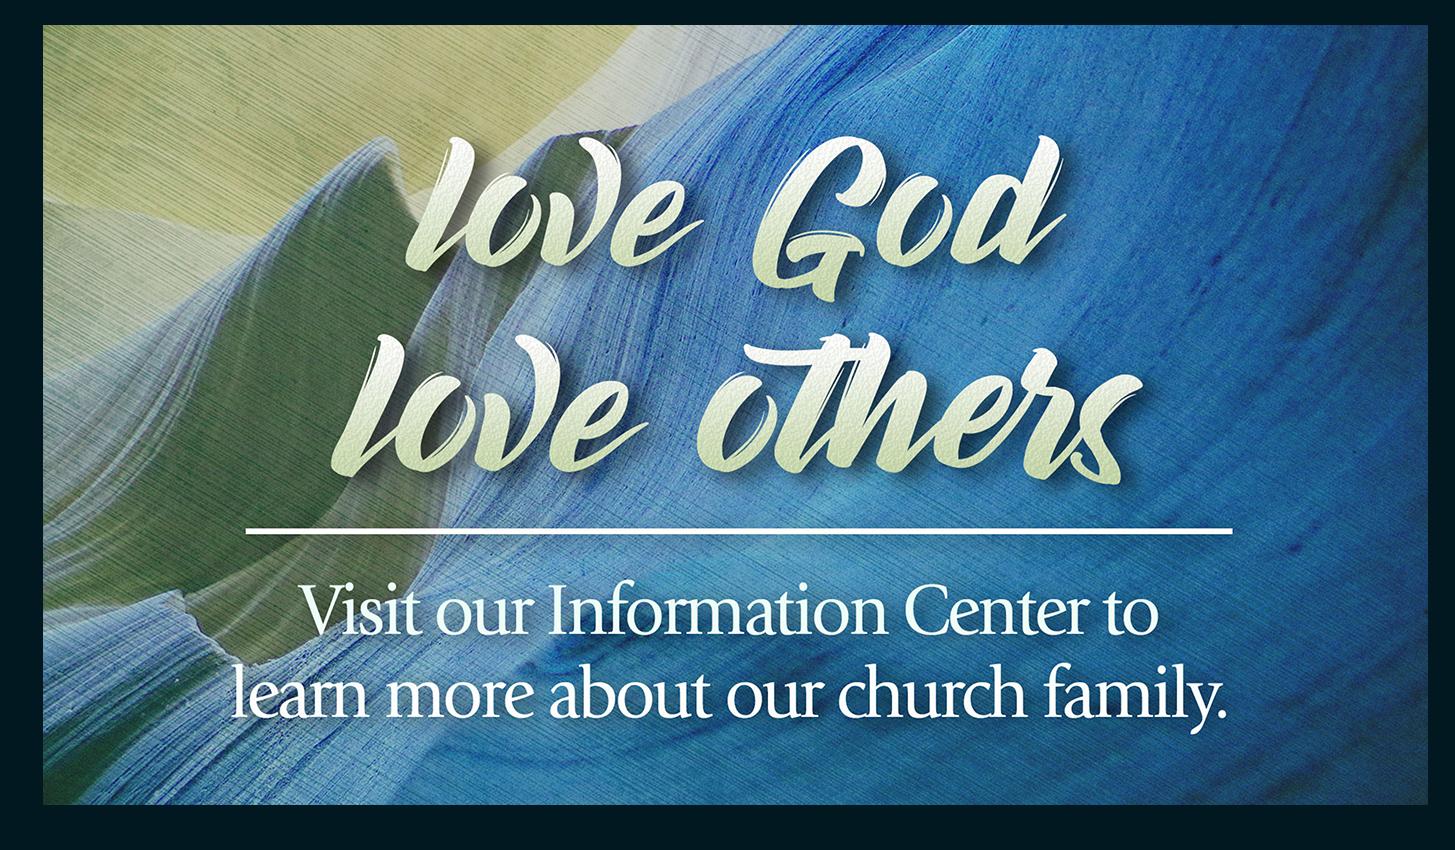 Visit the information center slide